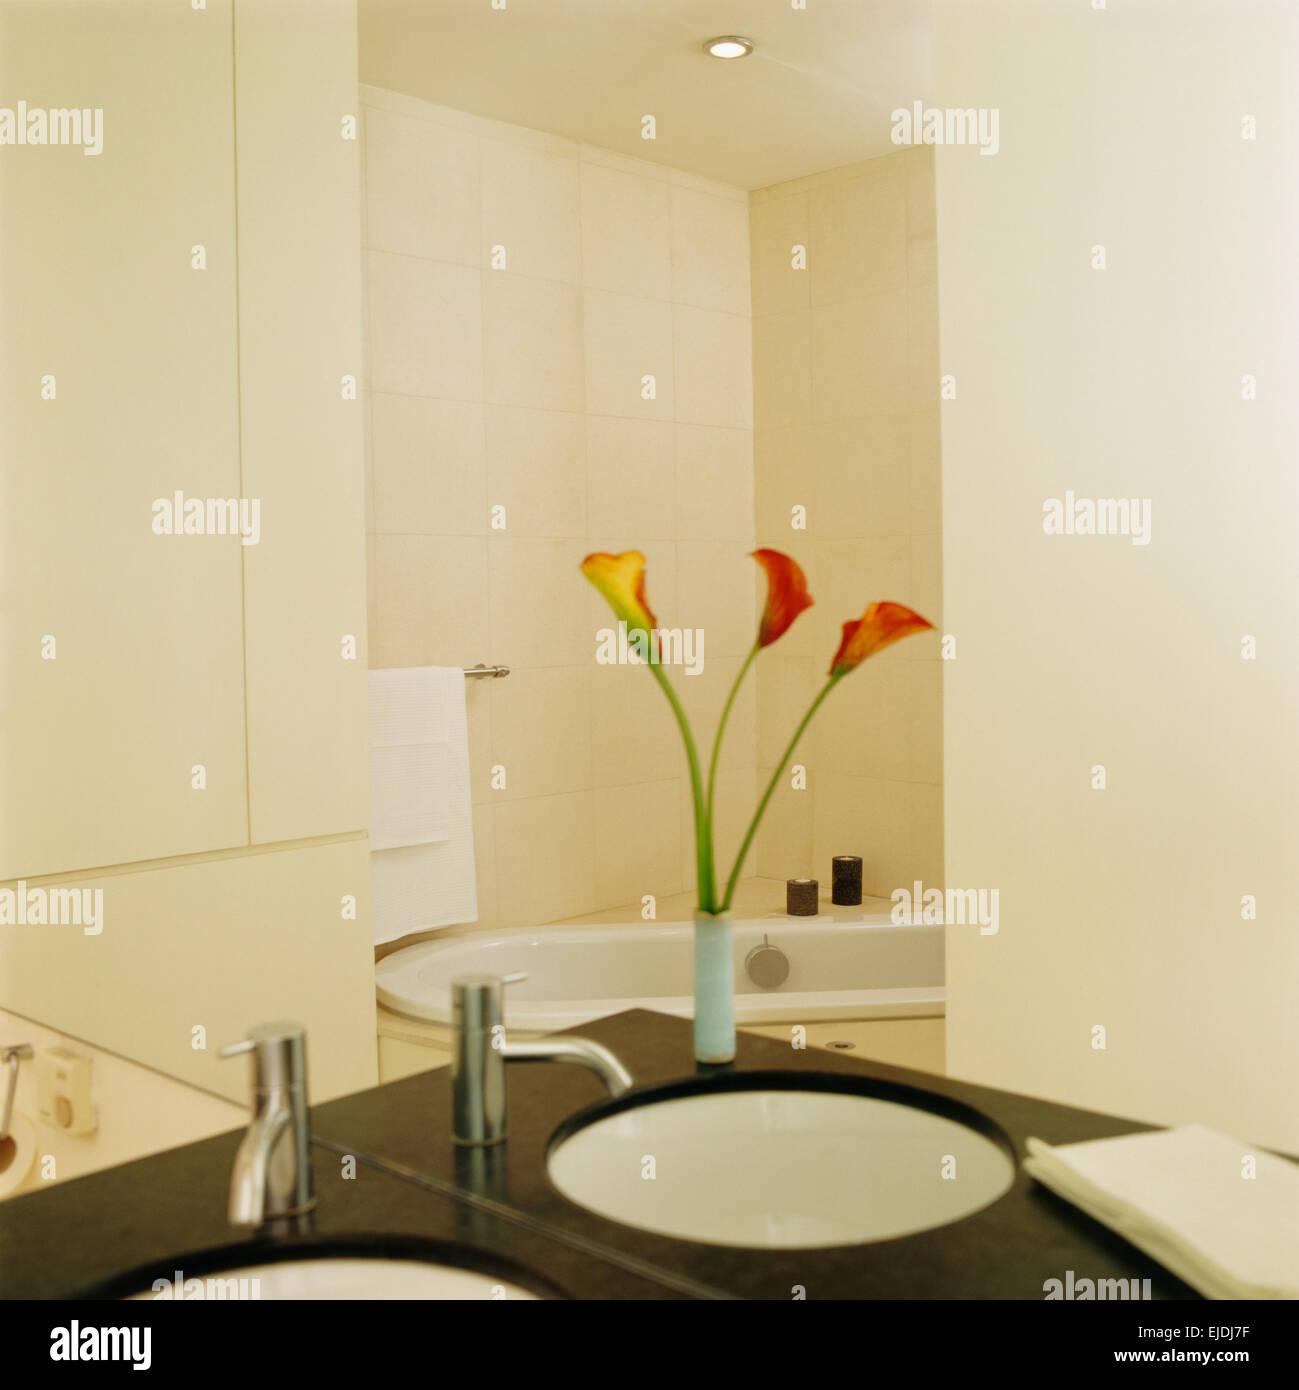 AuBergewohnlich Spiegel über Dem Waschtisch Mit Under Set Waschbecken Und Vase Calla Lilien  In Modernen Weißen Badezimmer